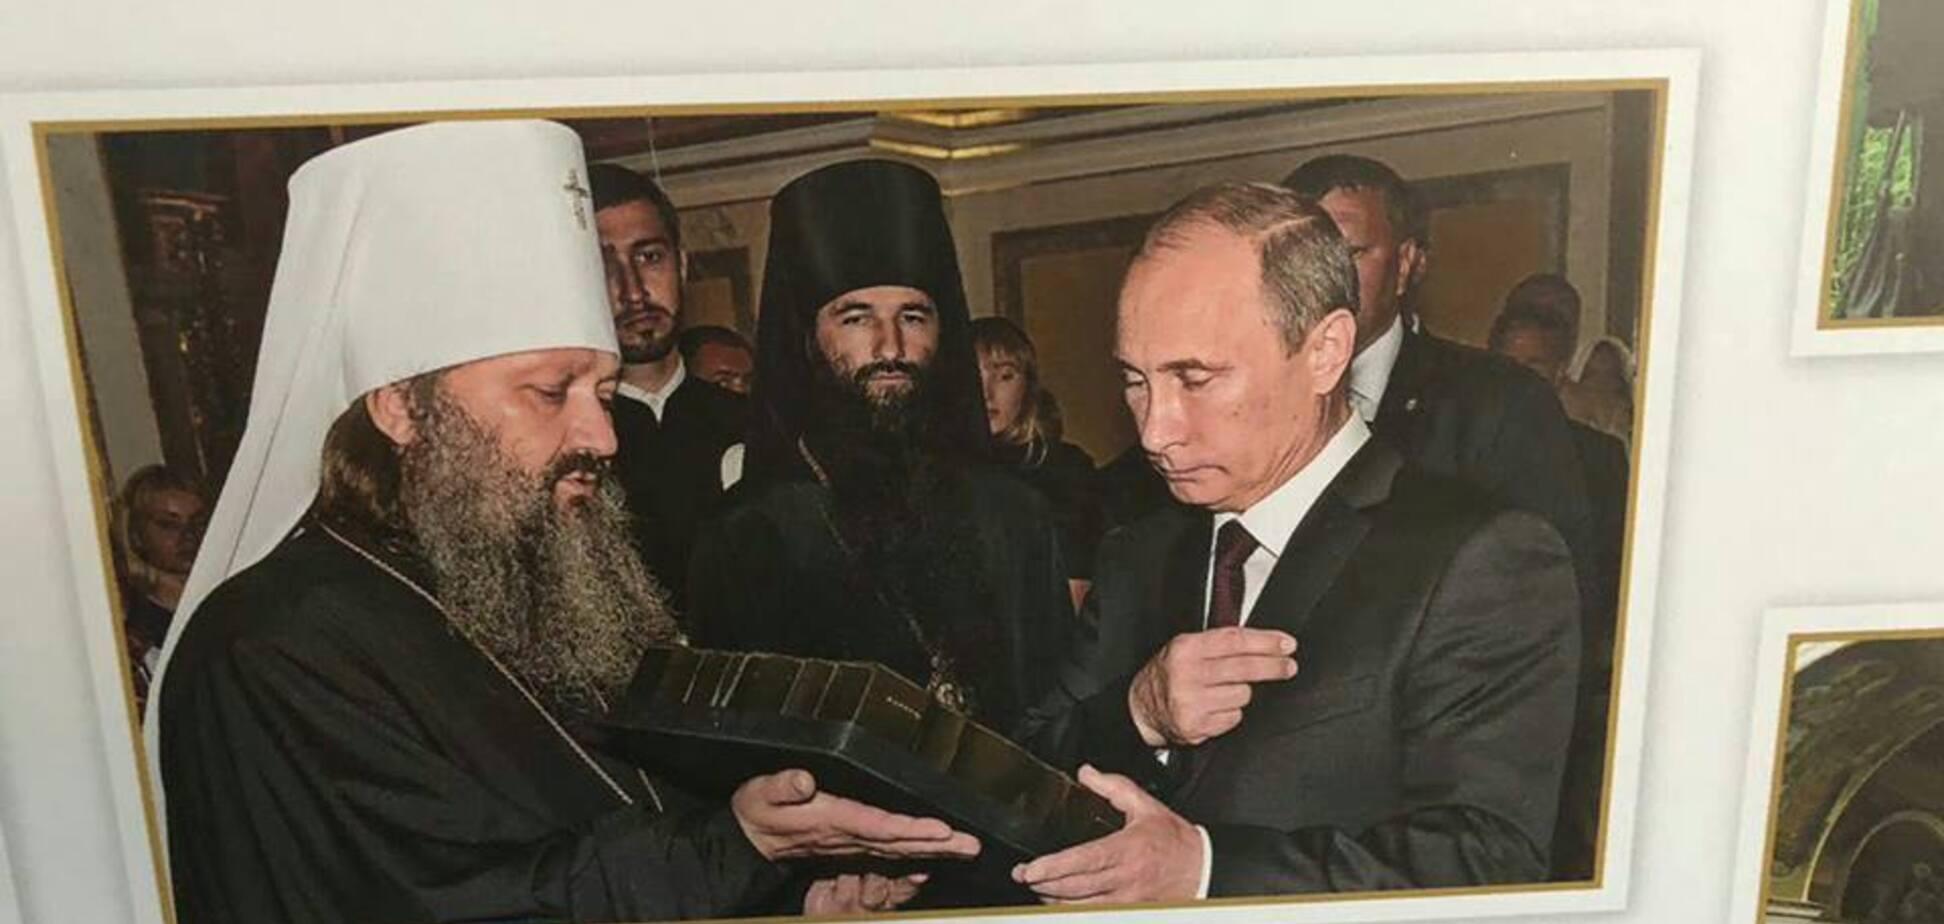 И Путин, и фашисты: в УПЦ МП высказались о скандале с фото в Лавре